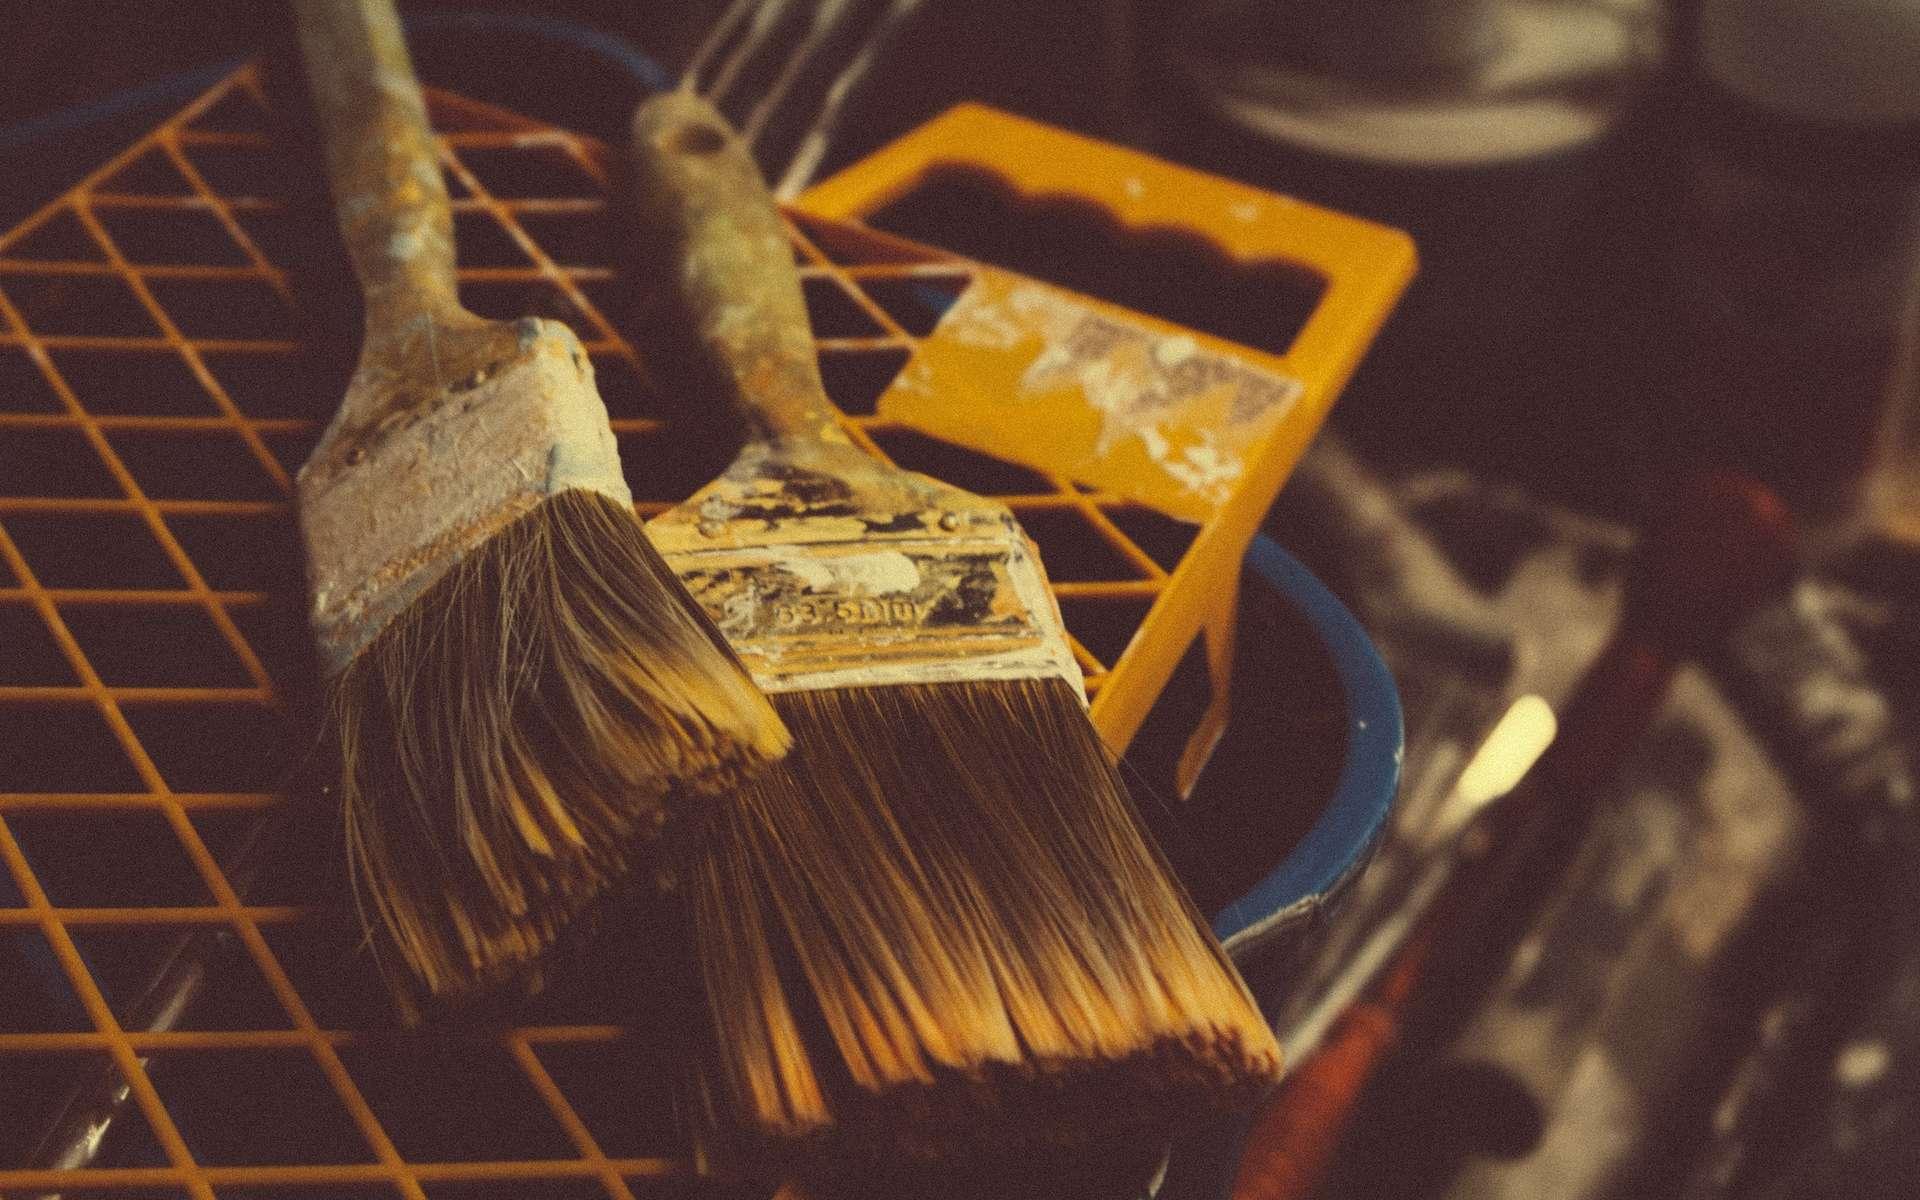 Comment peindre sur du bois contreplaqué ? © Tookapic, Pexels, CCO